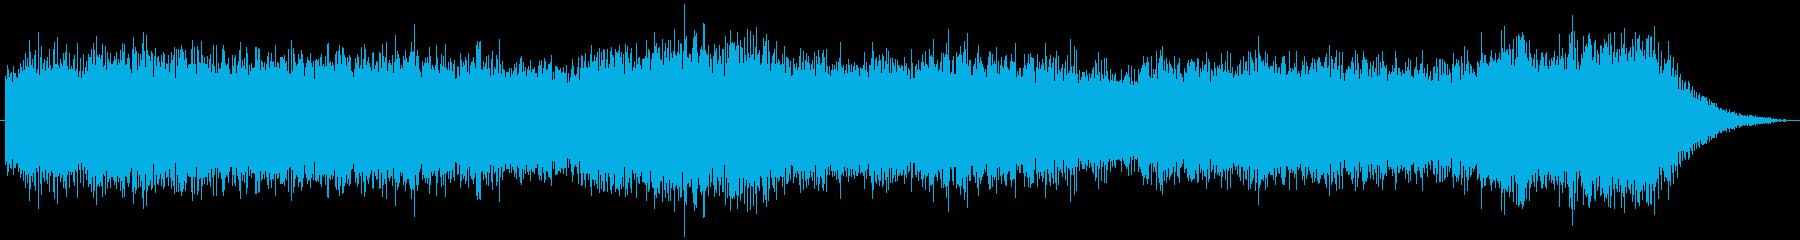 ドローン つぶし01の再生済みの波形